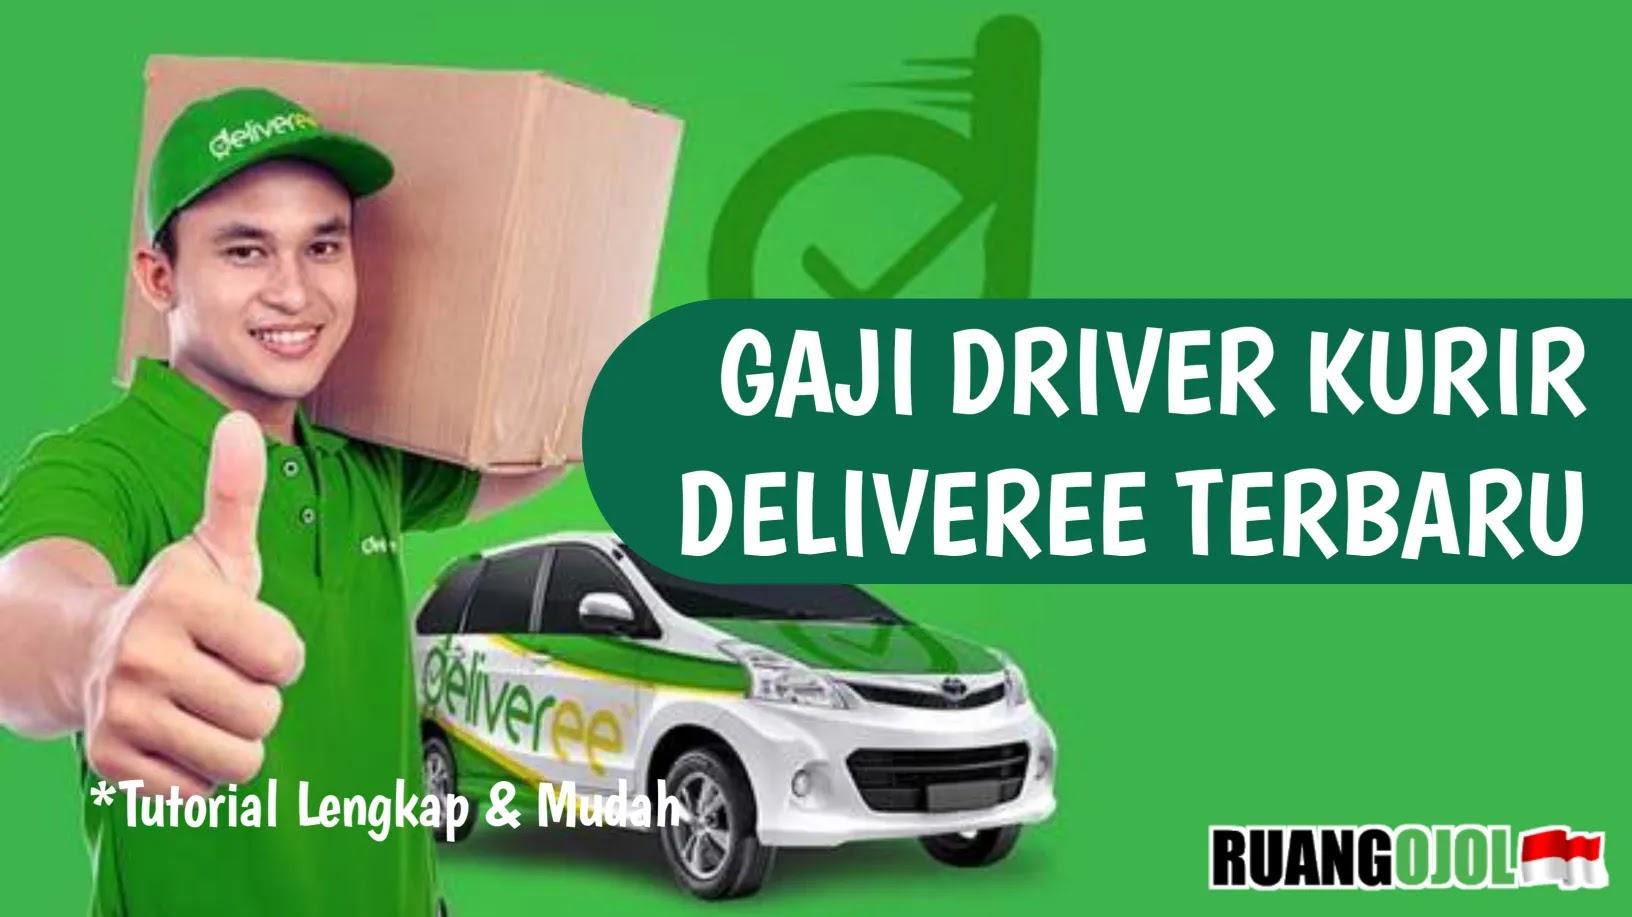 Gaji Kurir Deliveree    Syarat dan Ketentuannya!